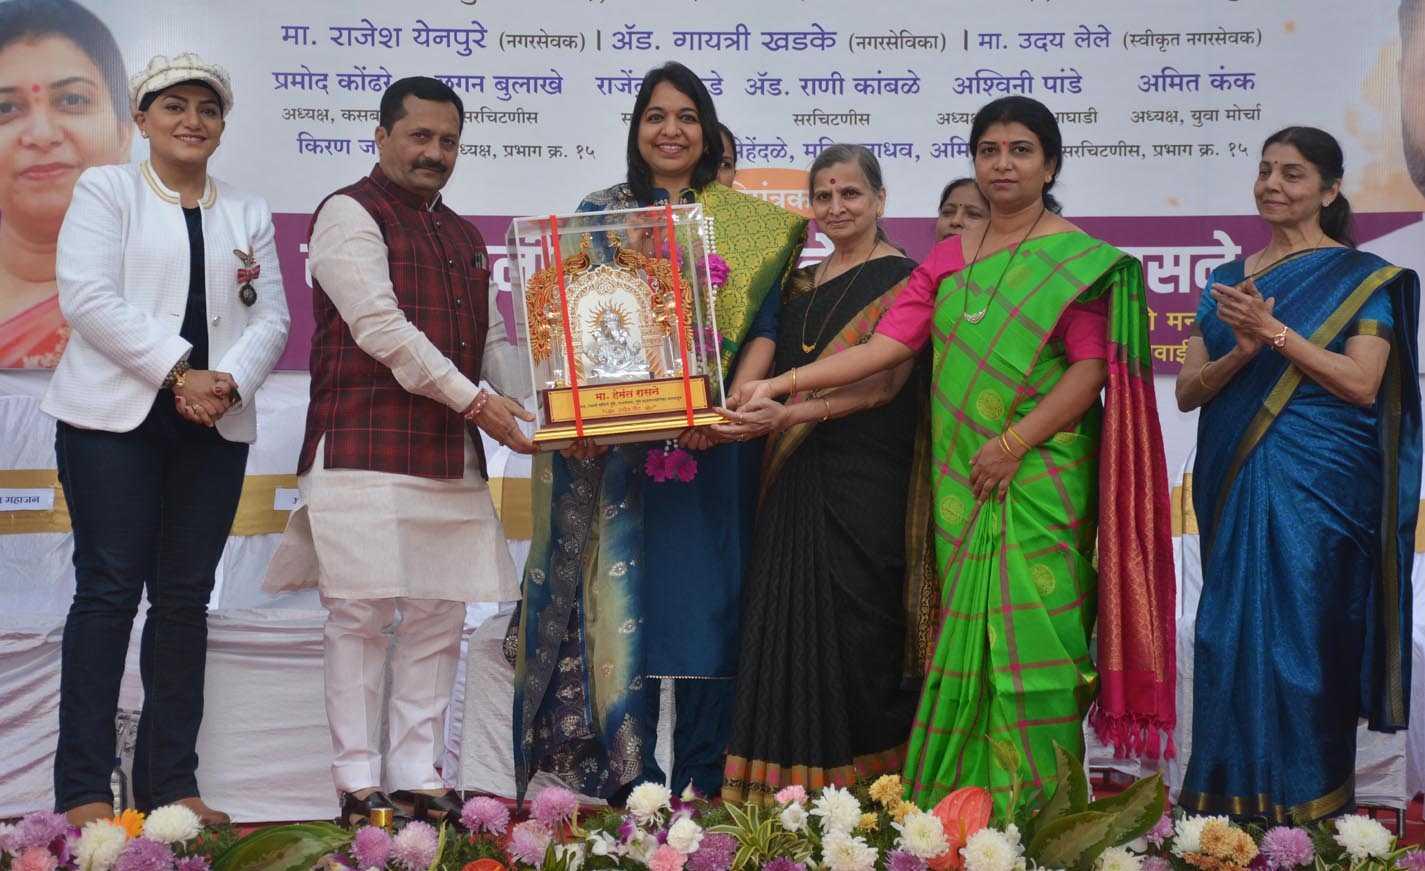 कोणतीही स्त्री ही अबला असू शकत नाही -ज्येष्ठ साहित्यिक डॉ. आरती दातार